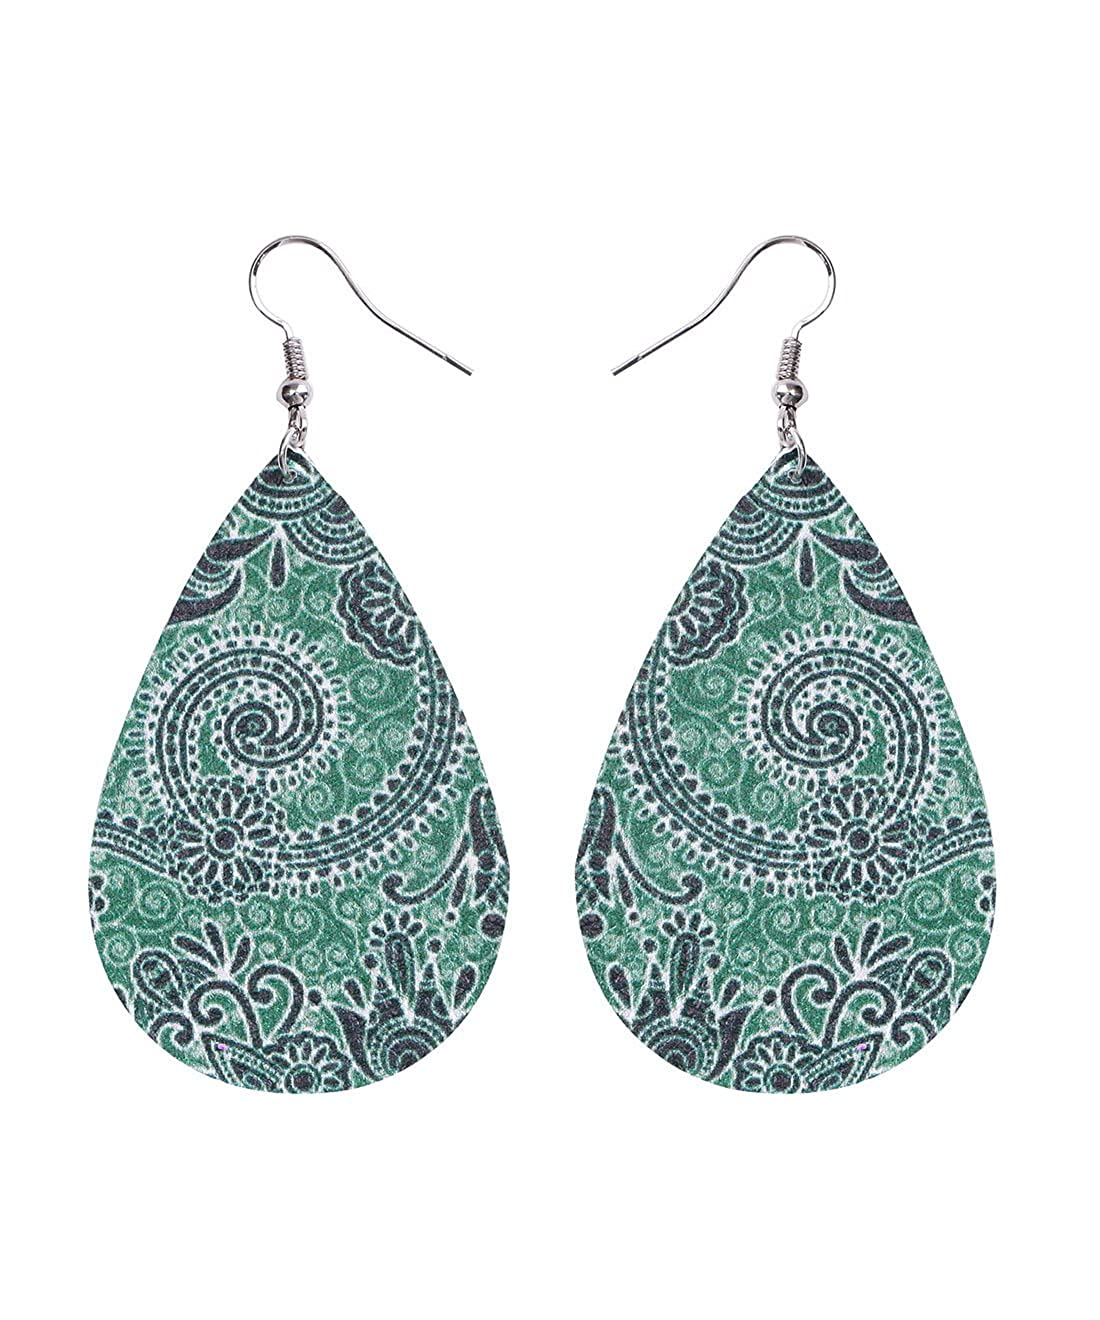 Bohemia Vintage Leather Teardrop Leaf Dangle Pierced Earrings Jewelry